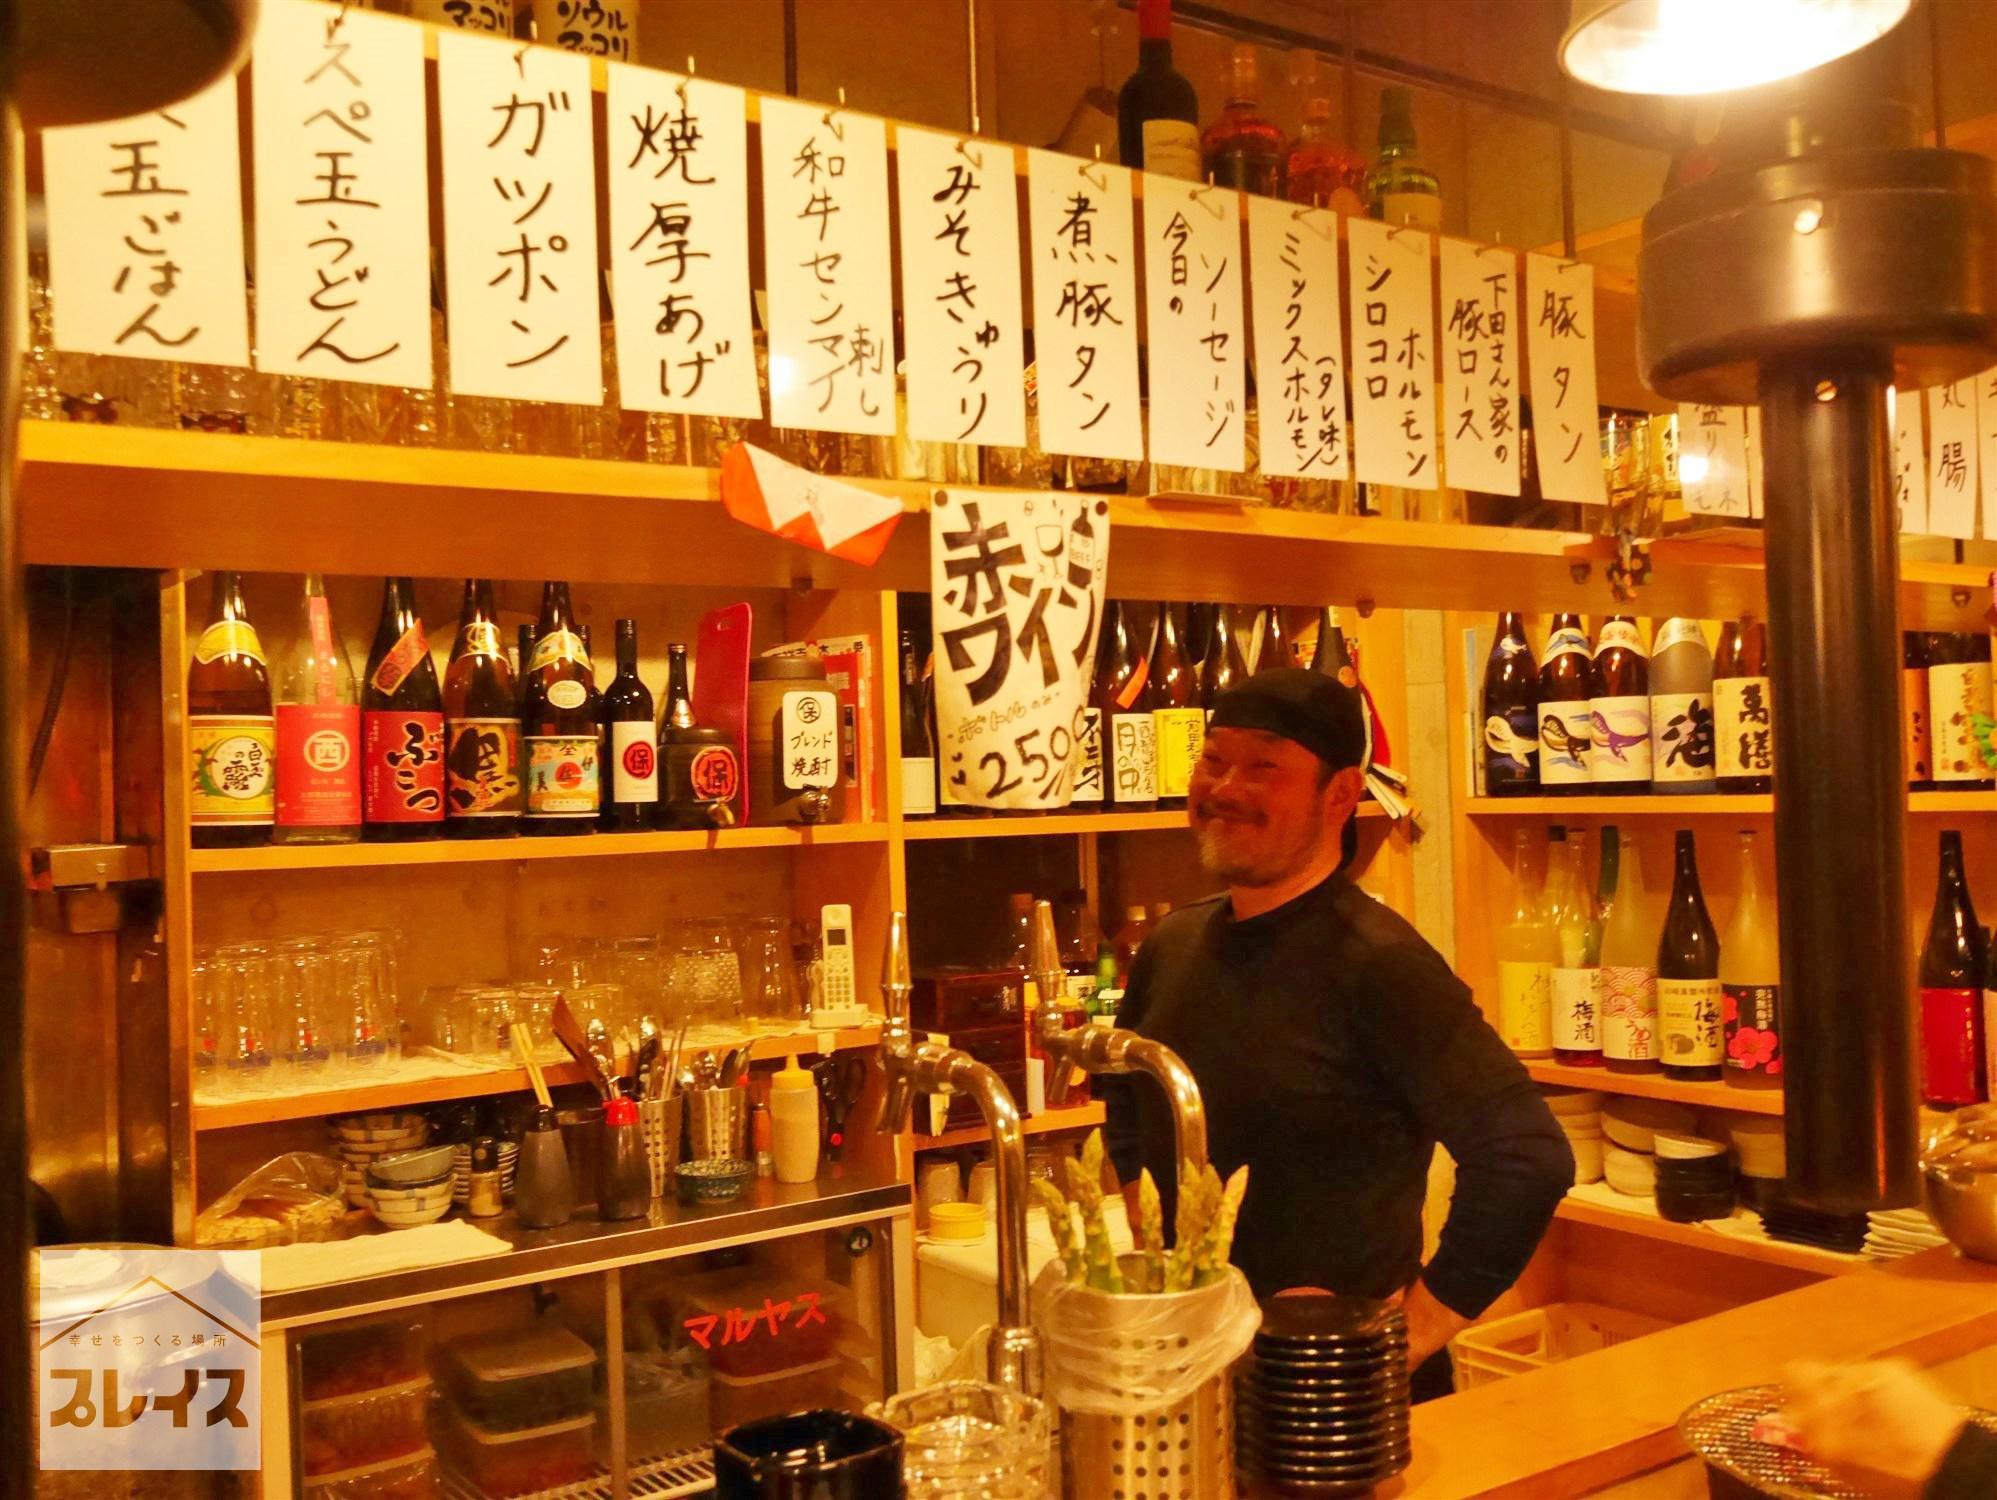 P20170227-武蔵野市-マル保/ホルモン焼き (7)メニュー表と店主.jpg